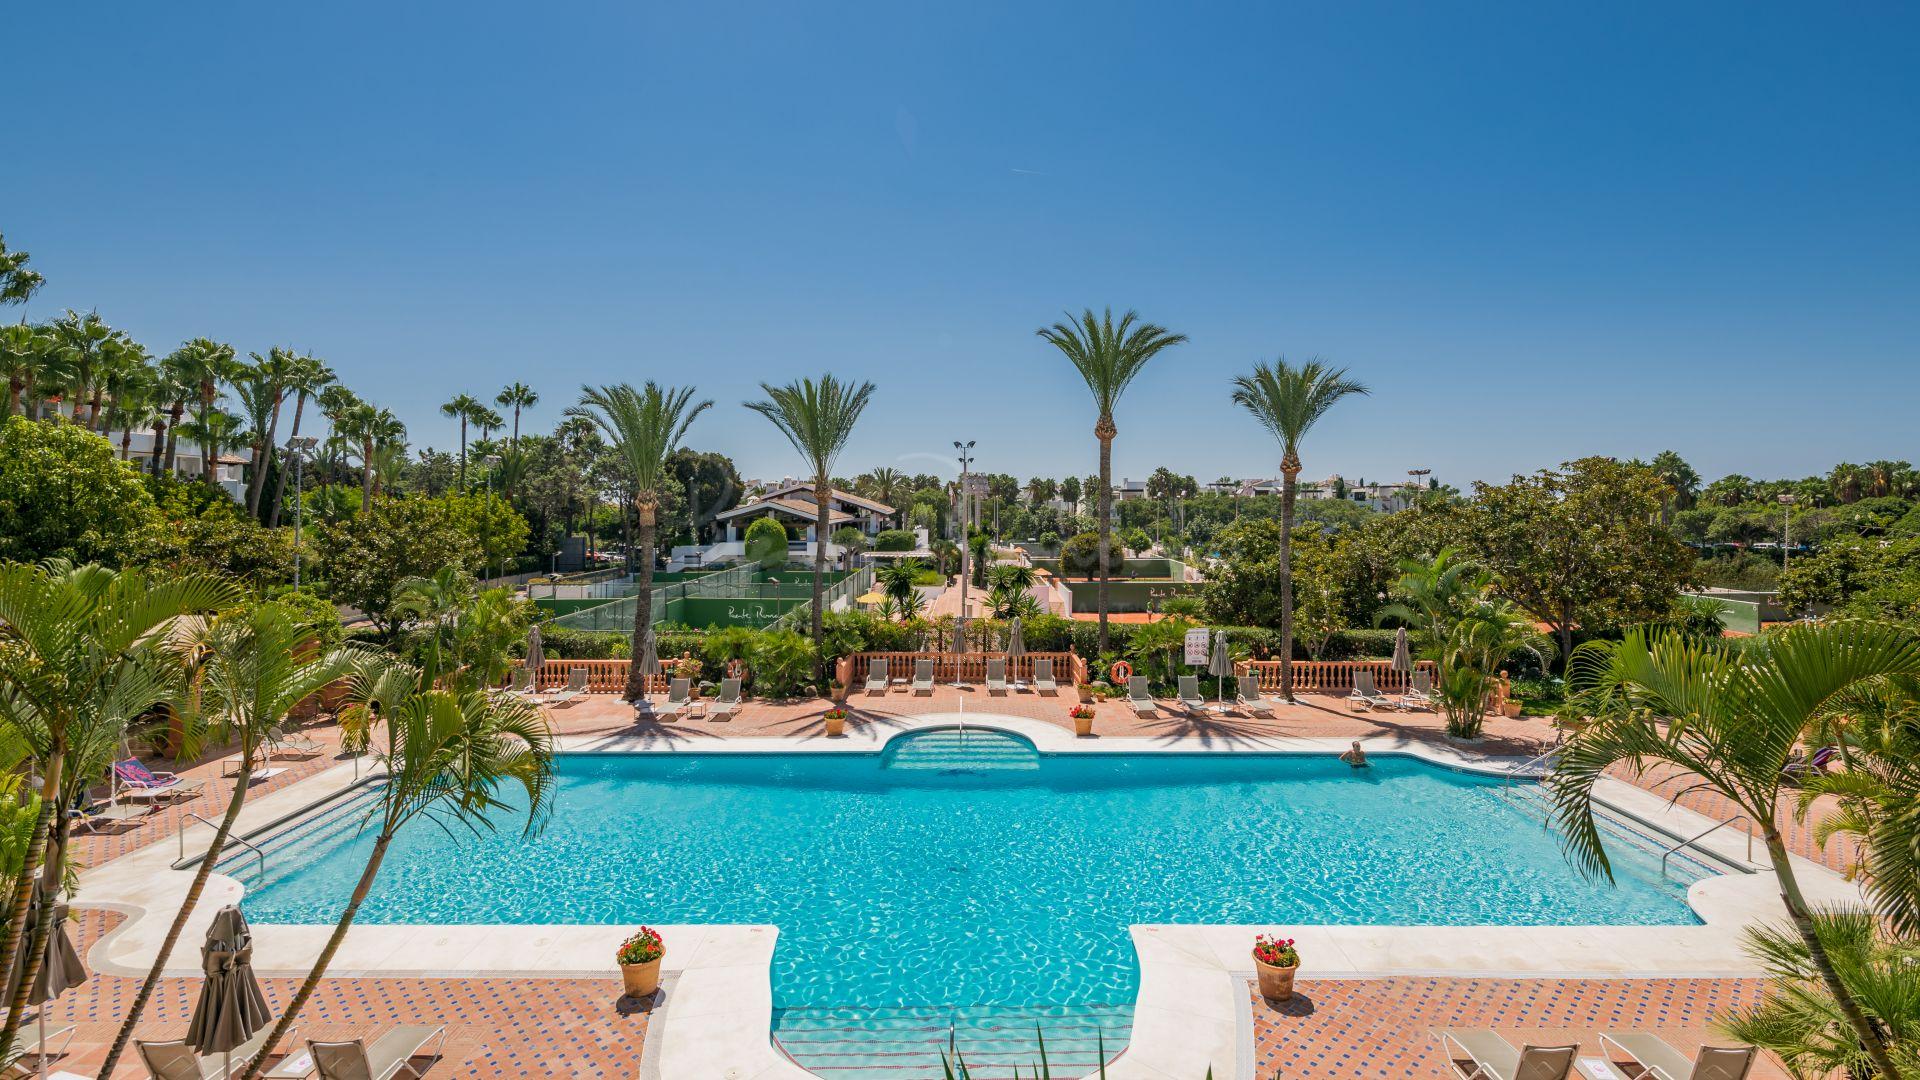 Apartment in Marina de Puente Romano, Marbella